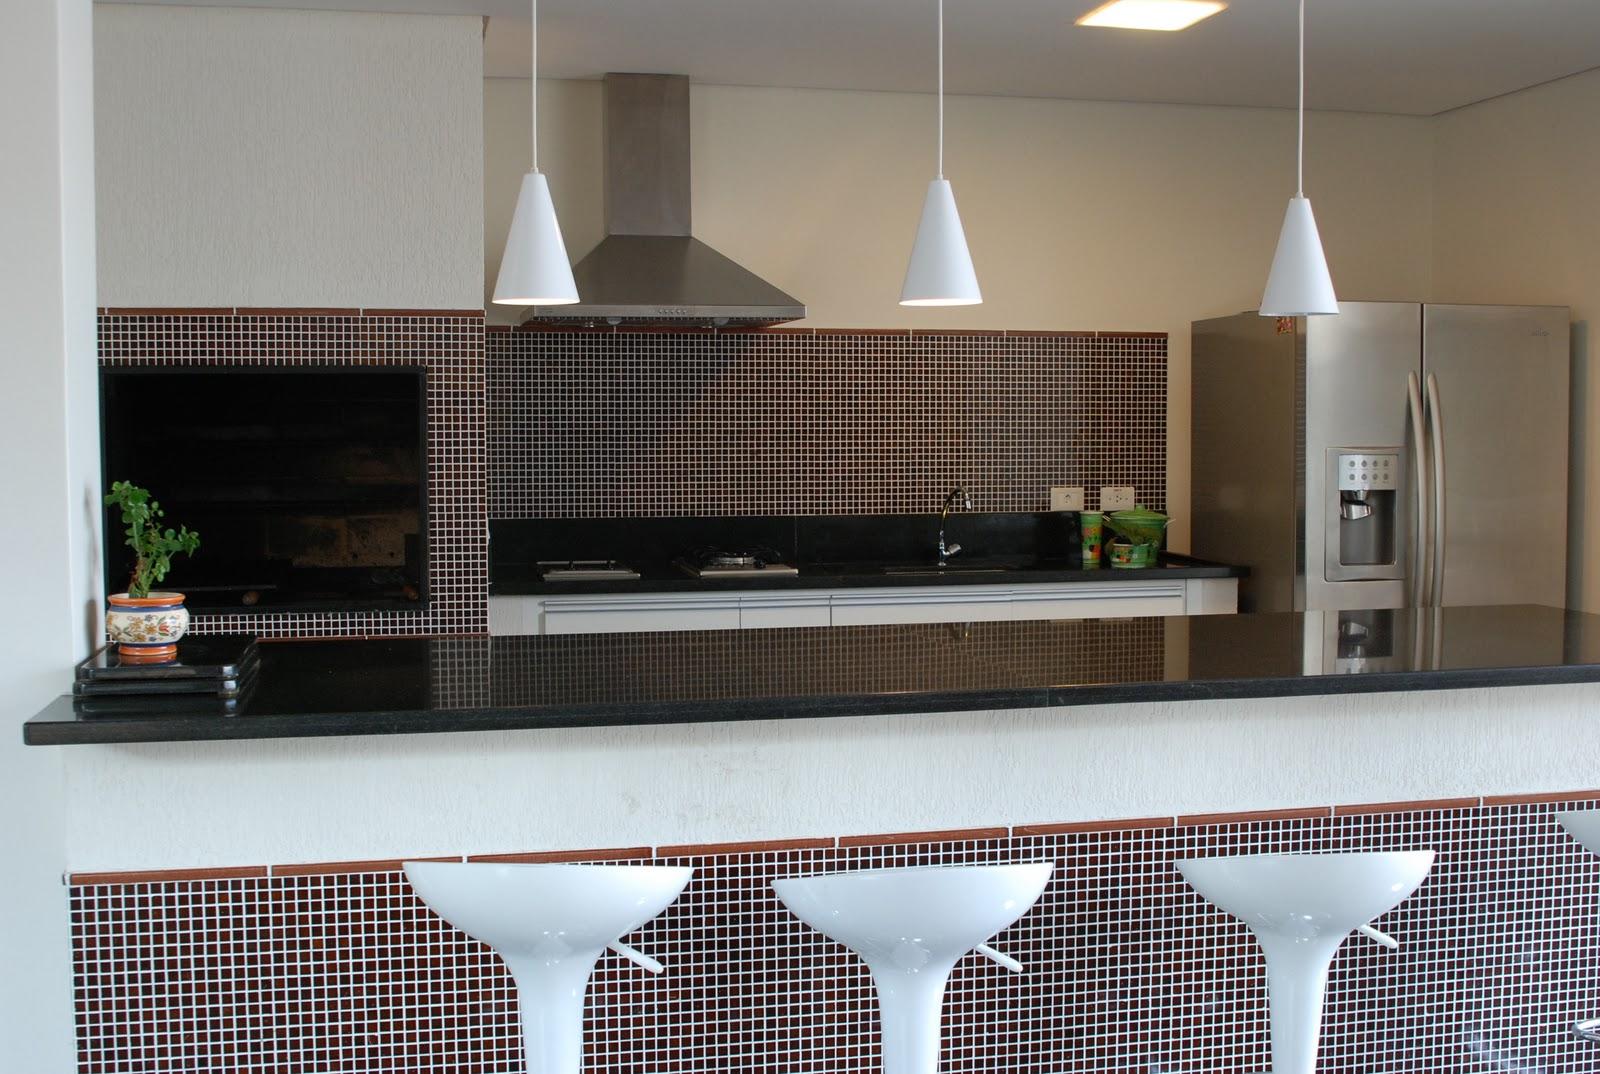 Conversa de Arquiteto: Projeto de uma cozinha e um espaço gourmet #7A6851 1600 1074